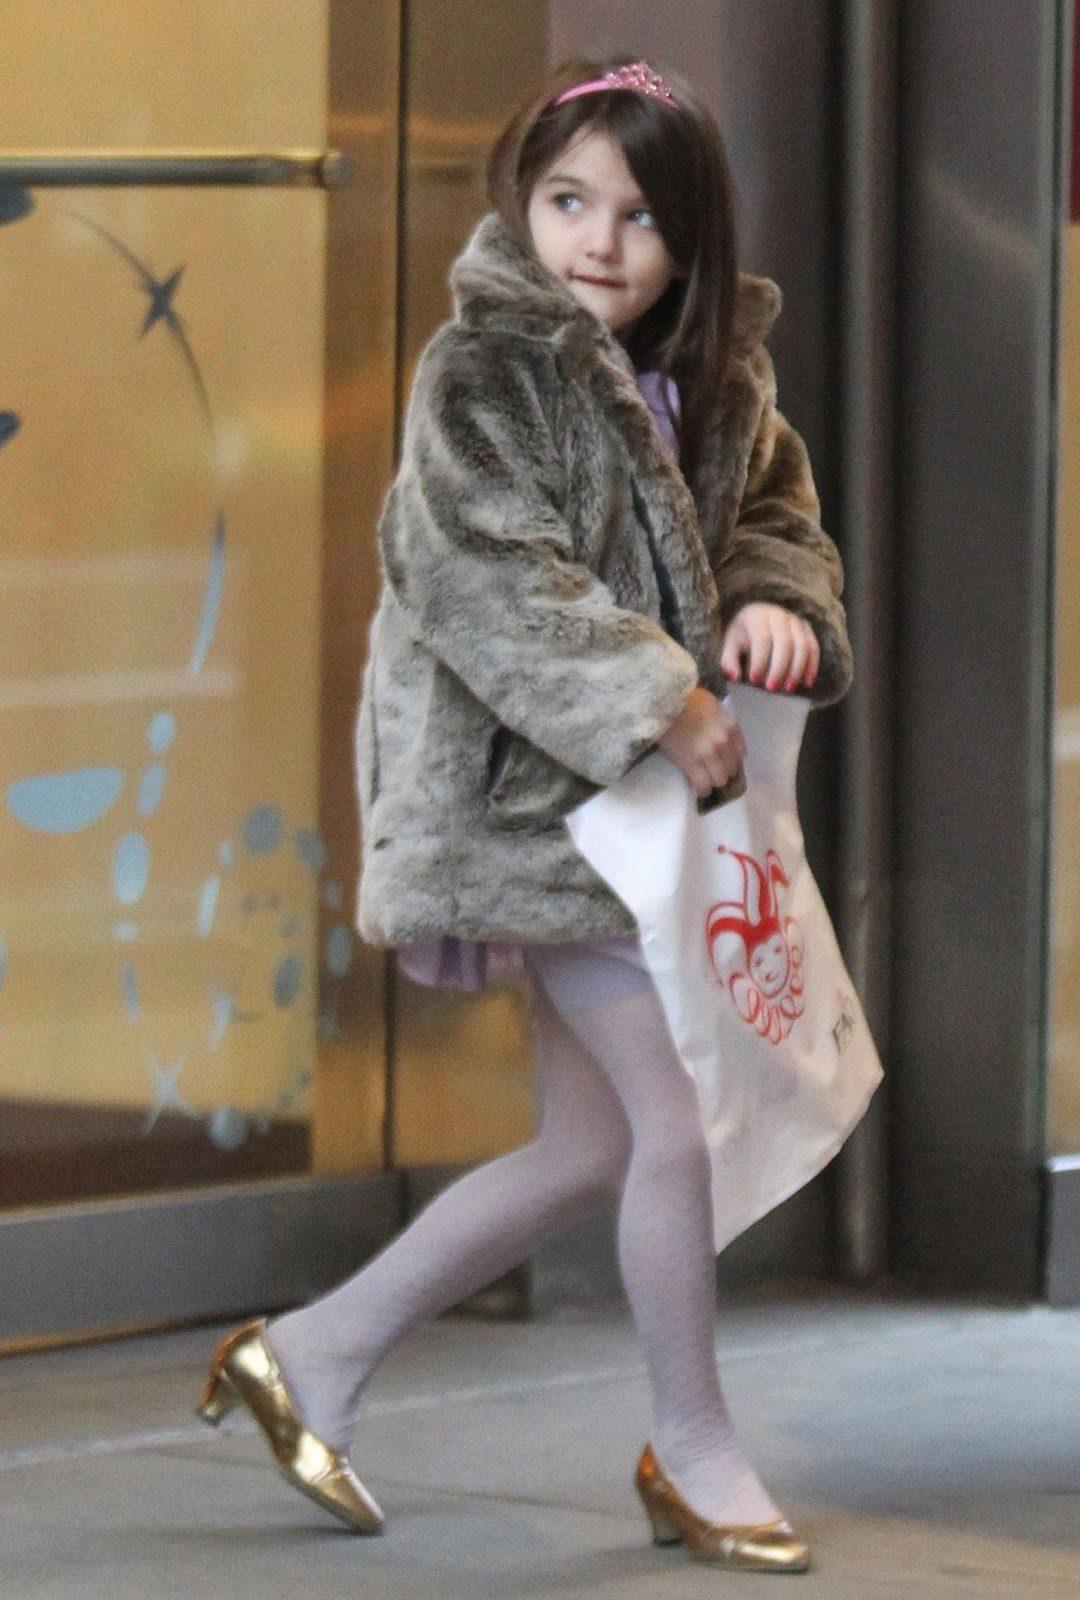 Девушка в туфлях на каблуках картинки, фото развратная старушка дает в зад зятю